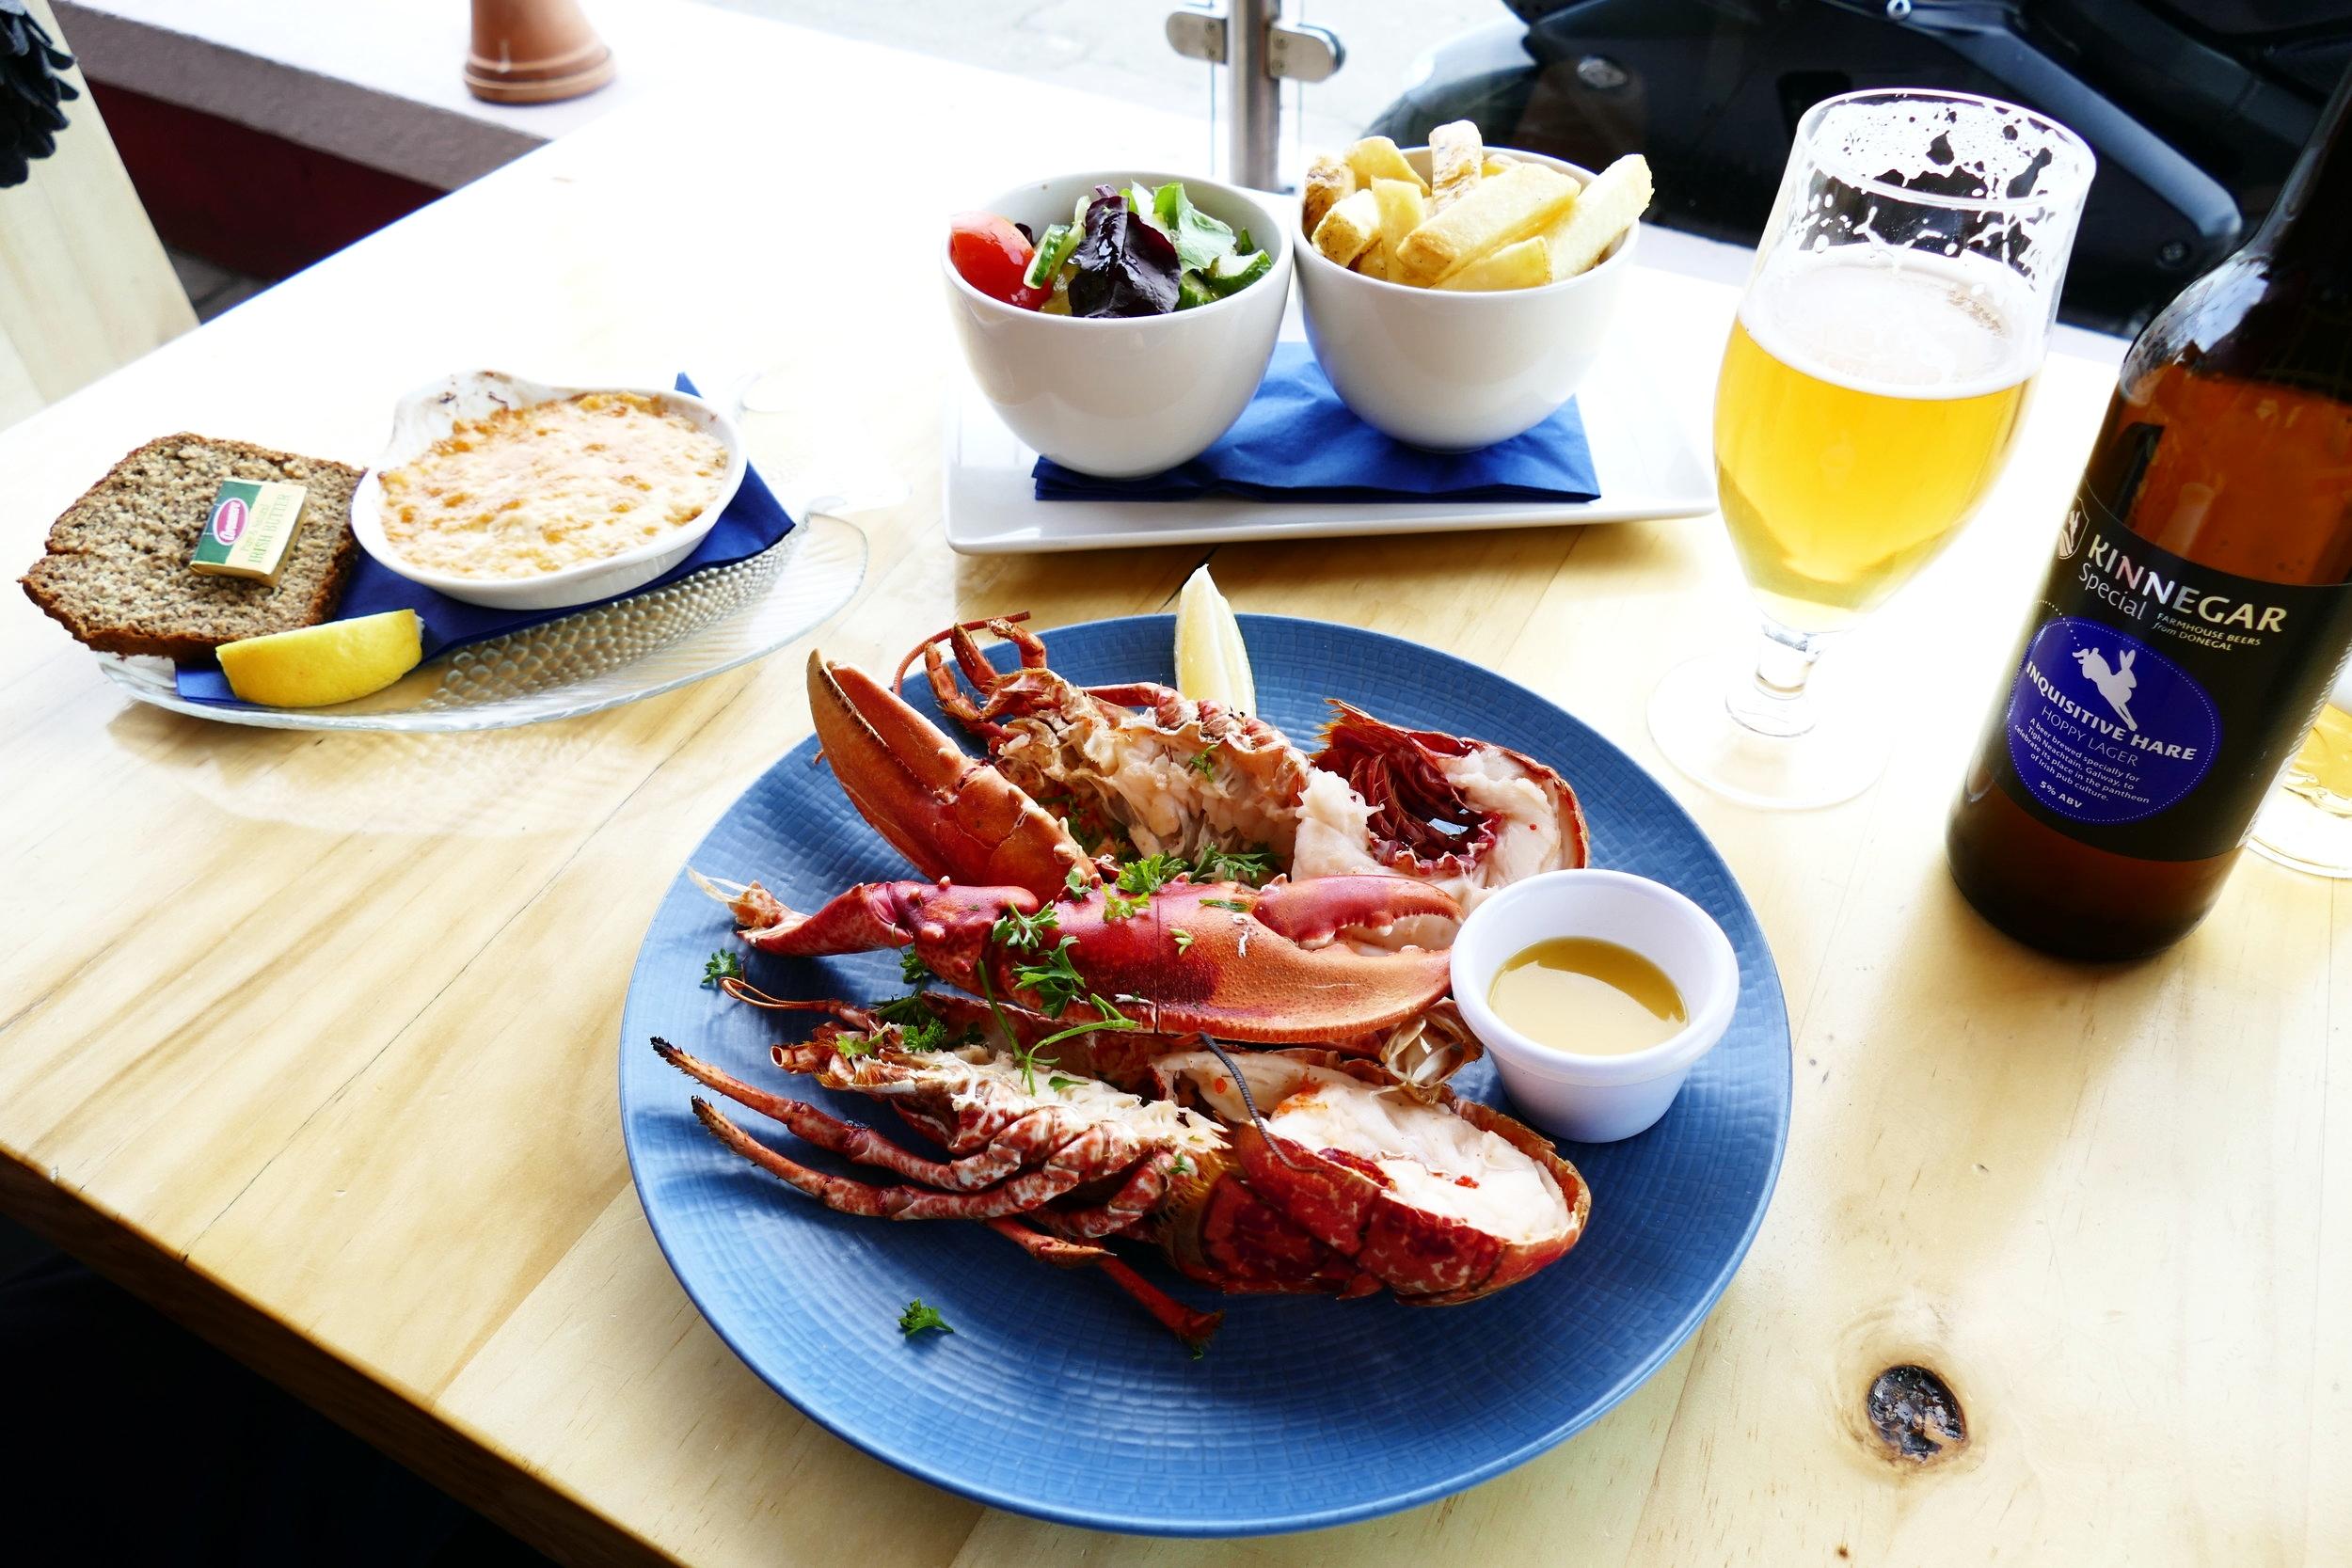 Homard - Lobster - Howth, Dublin